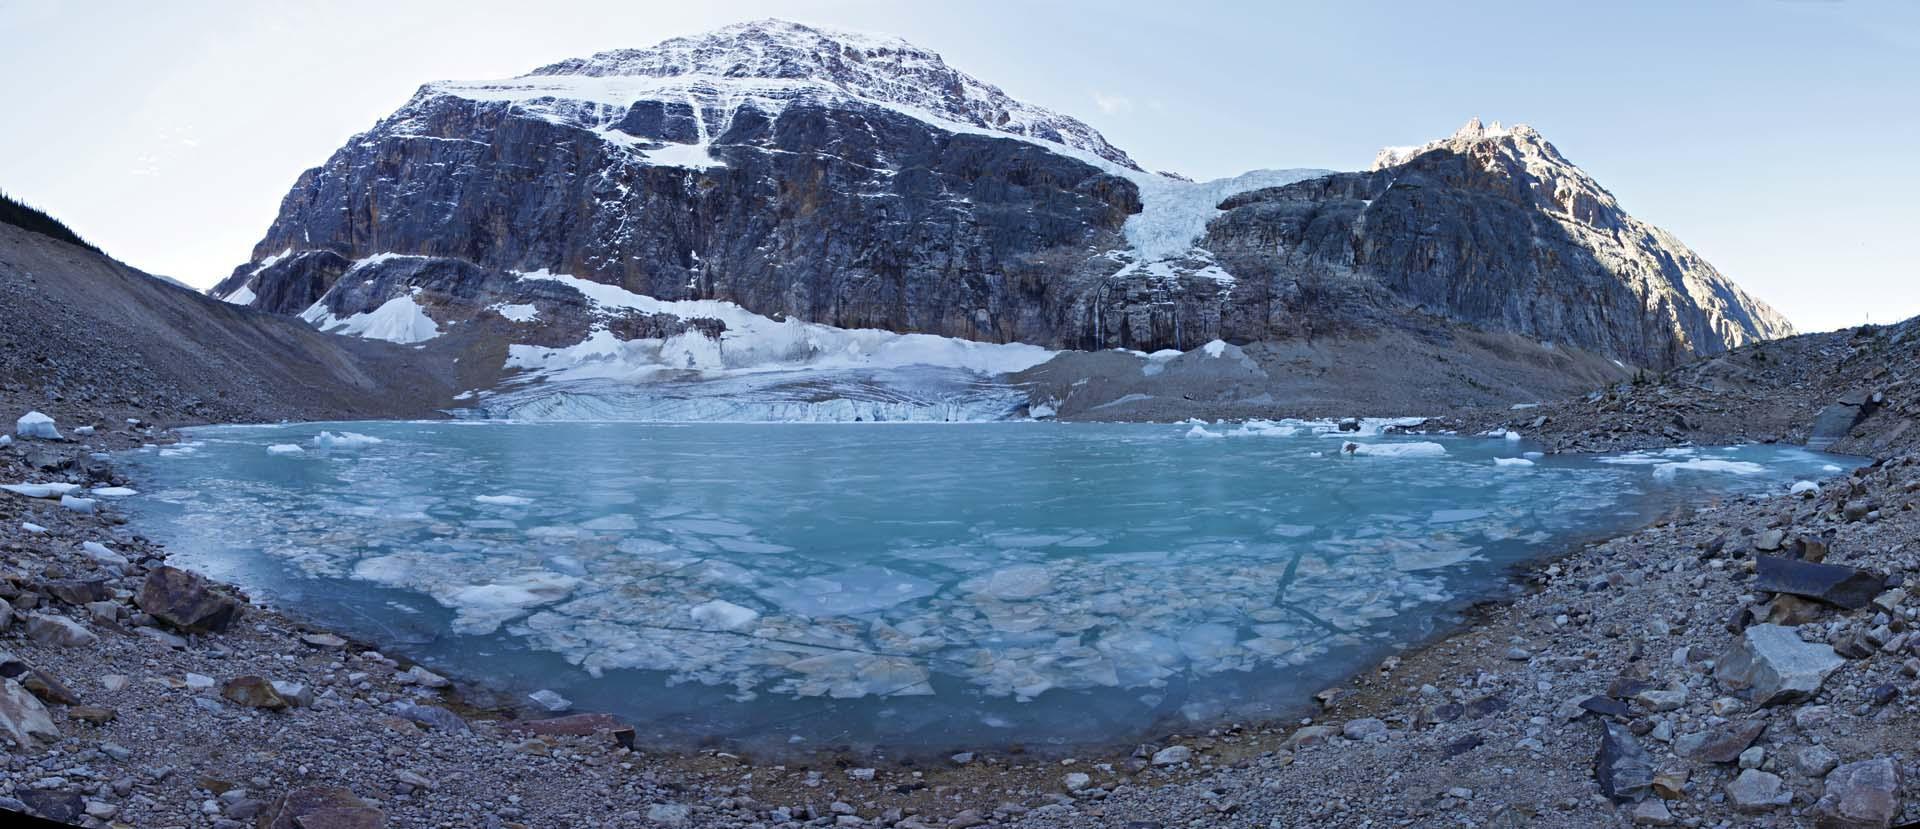 0221-0230_angel_glacier_20101120_171138.